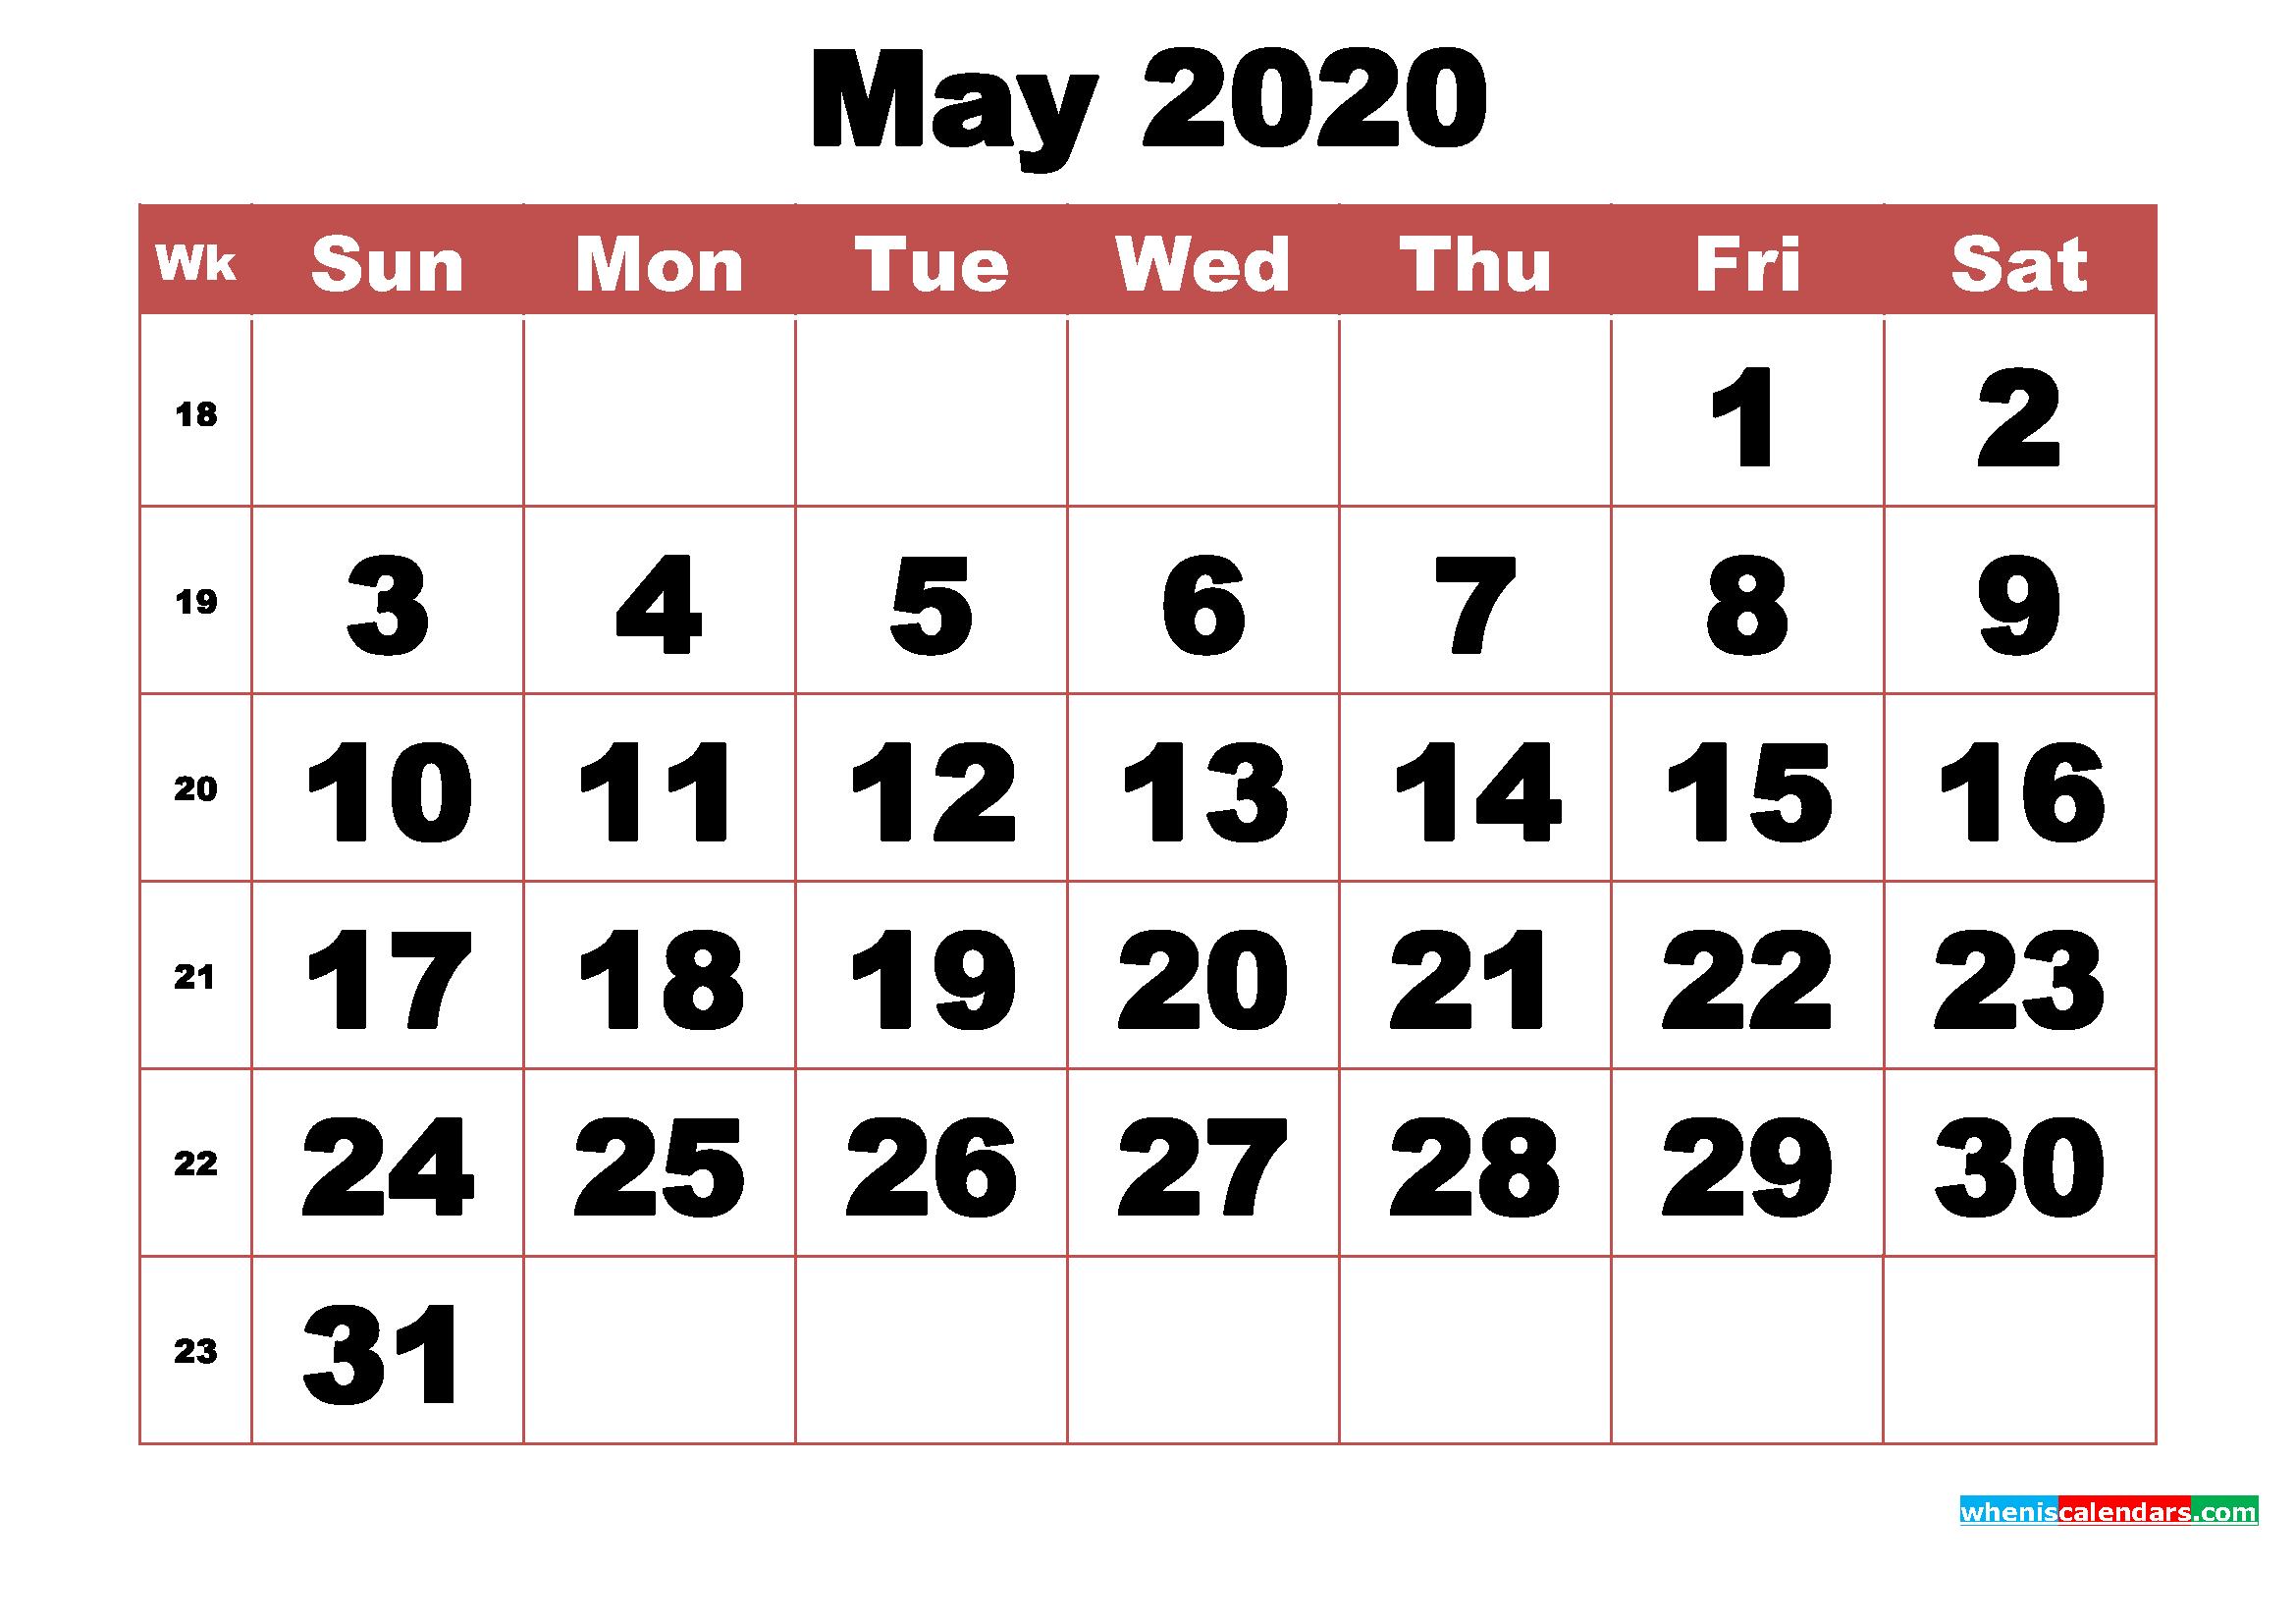 Free Printable May 2020 Calendar With Week Numbers – Free